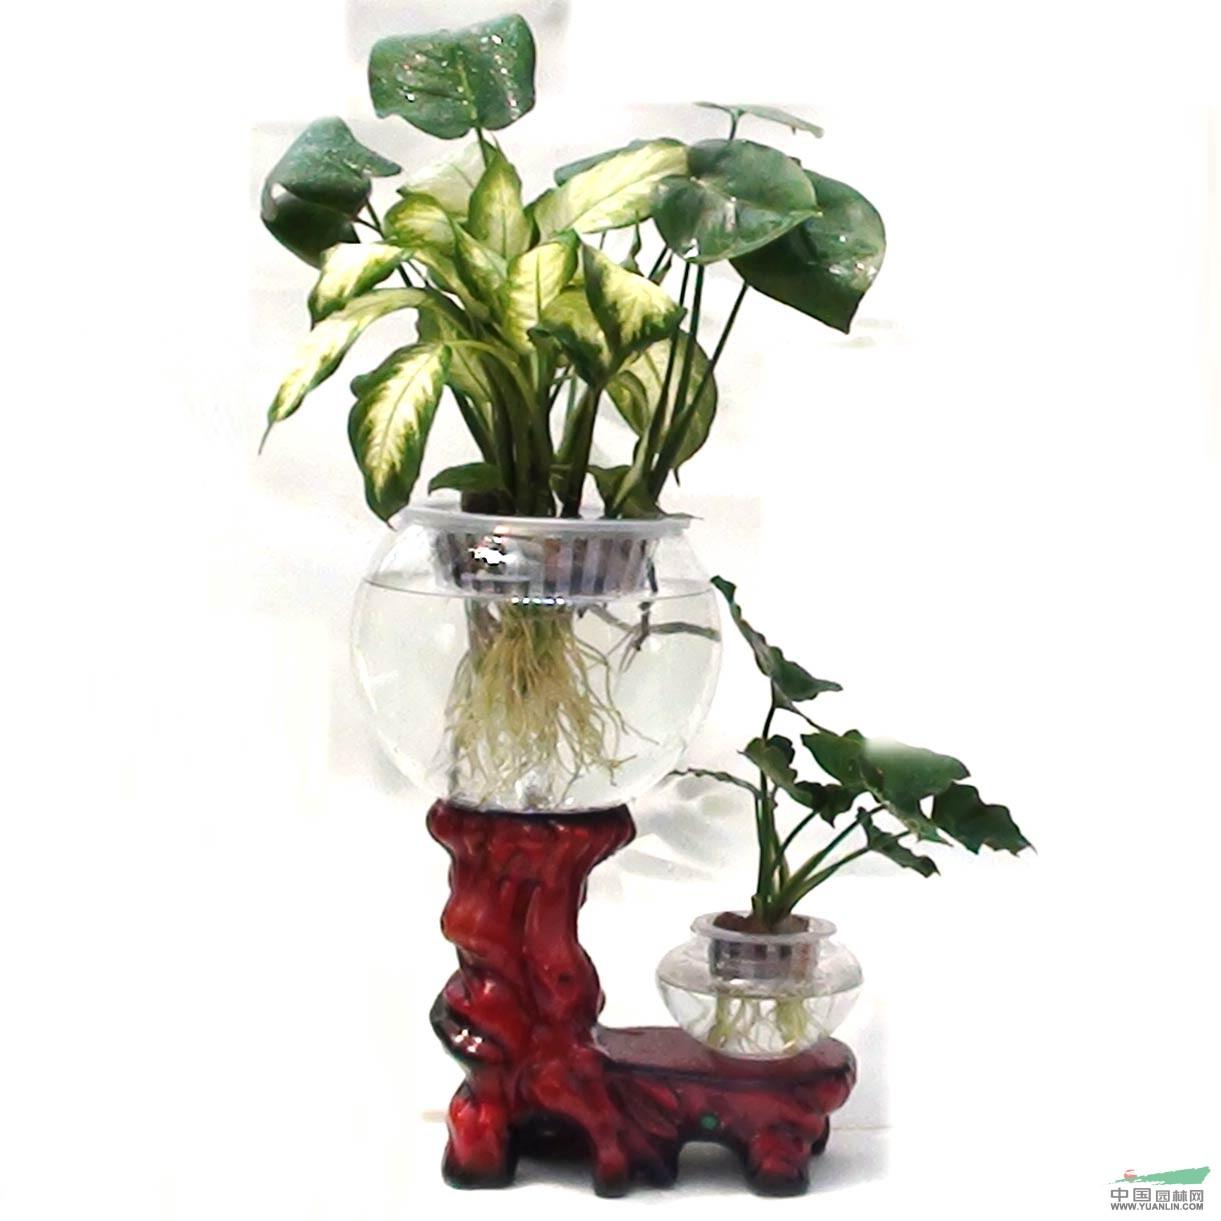 简笔画 花瓶/花瓶园林小品 花瓶简笔画 雕刻花瓶 泡手机图片...